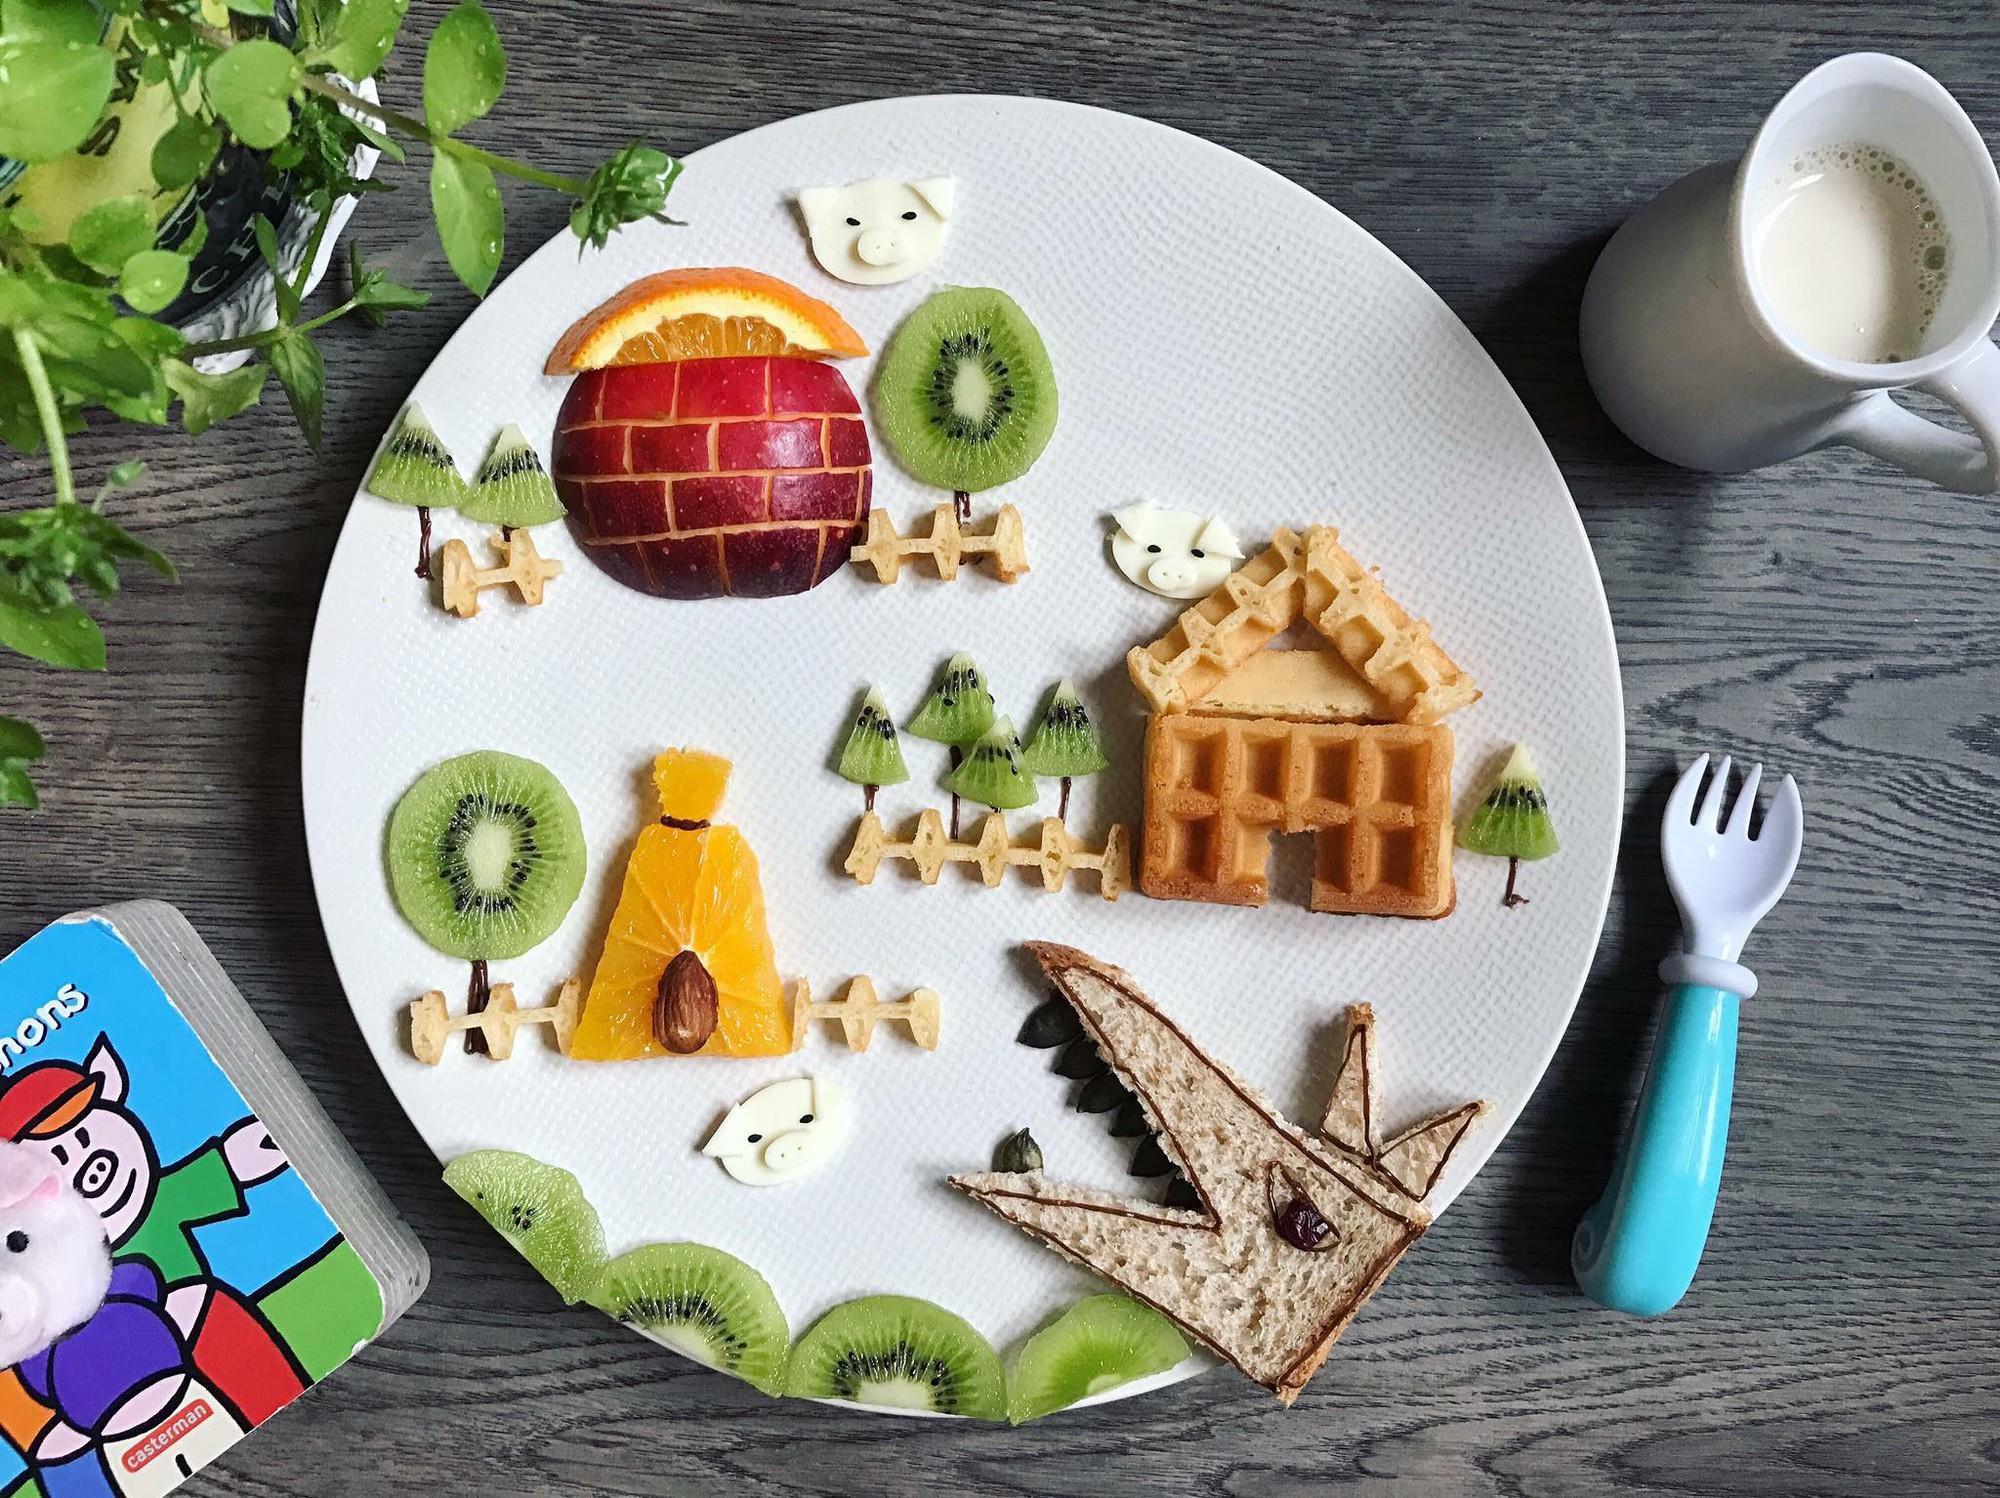 Chùm ảnh: Bà mẹ trẻ mỗi ngày vẽ một bức tranh bằng thức ăn cho con, không ngày nào bị lặp ý tưởng mới tài - Ảnh 18.